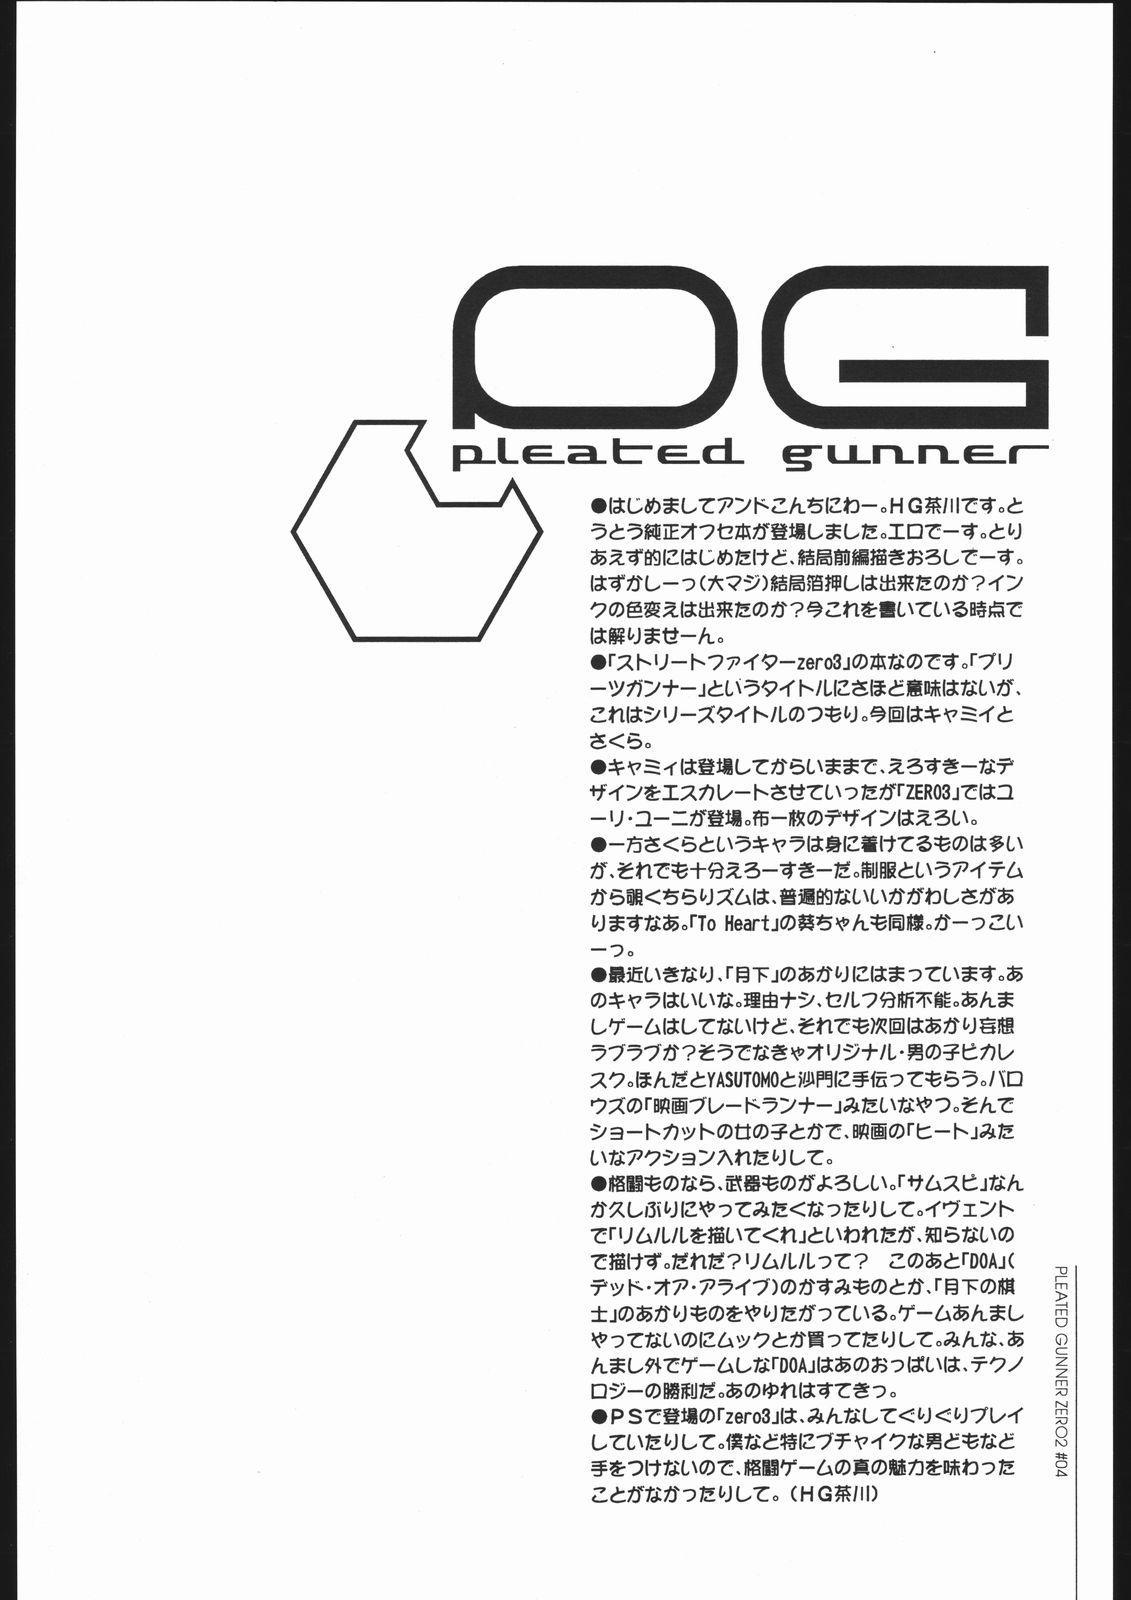 Pleated Gunner #02 - Uranus 2